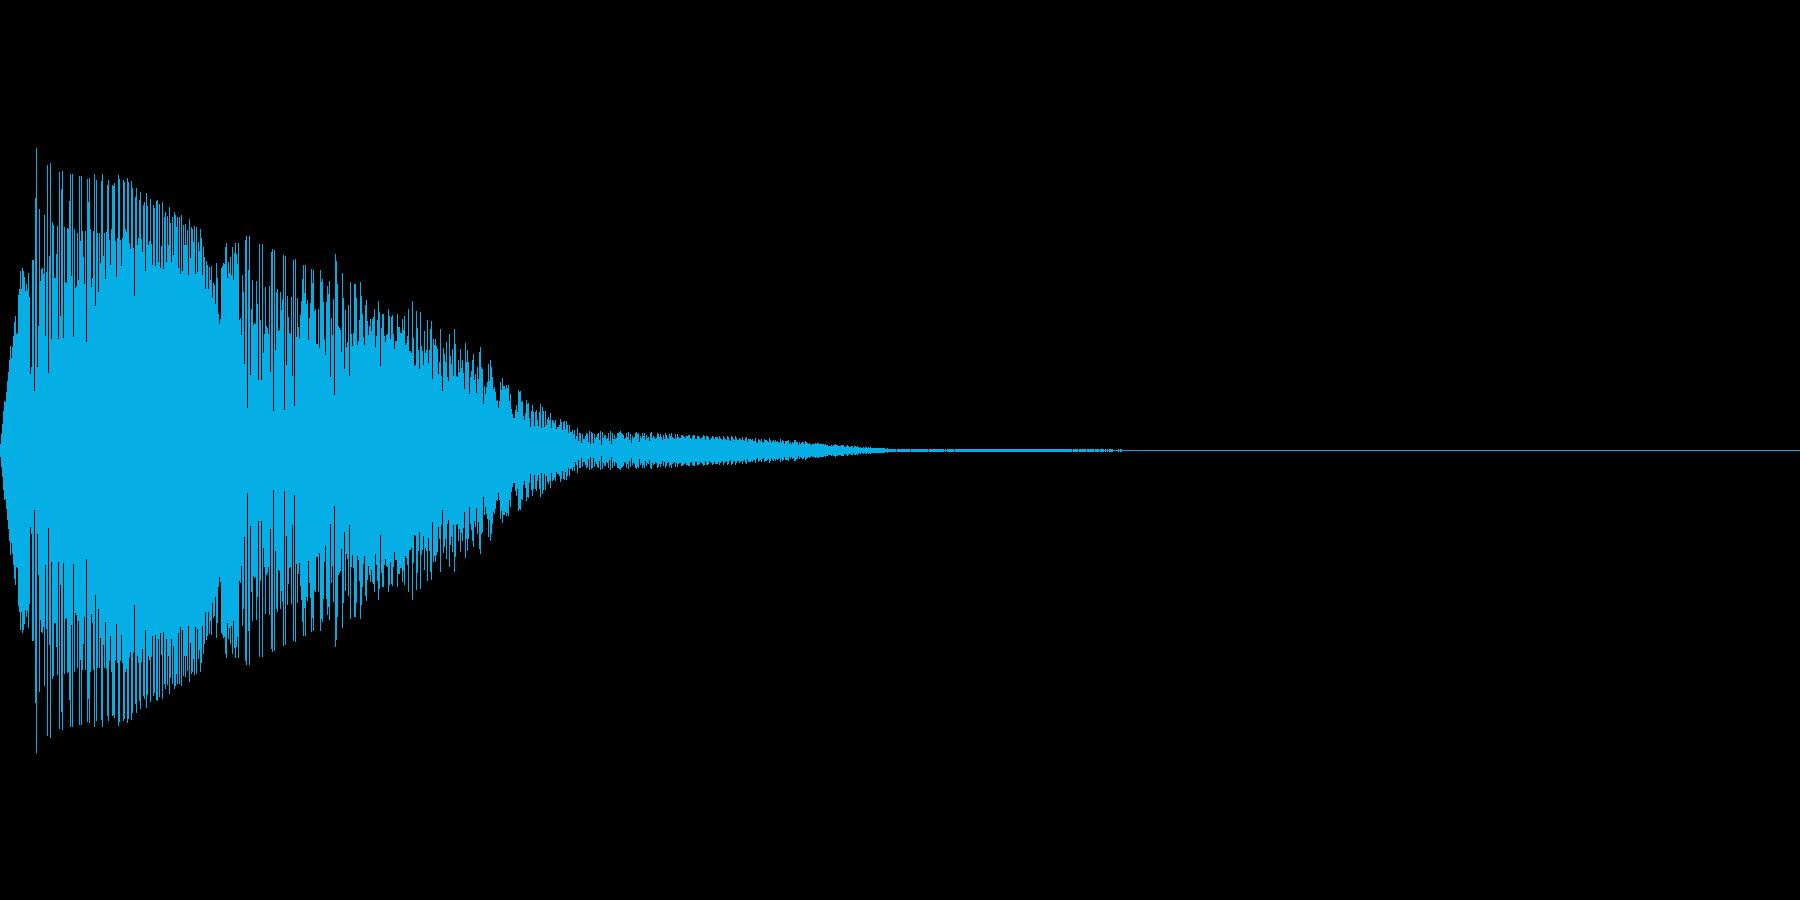 ぽわわっという弾力感のある音で、ボタン…の再生済みの波形